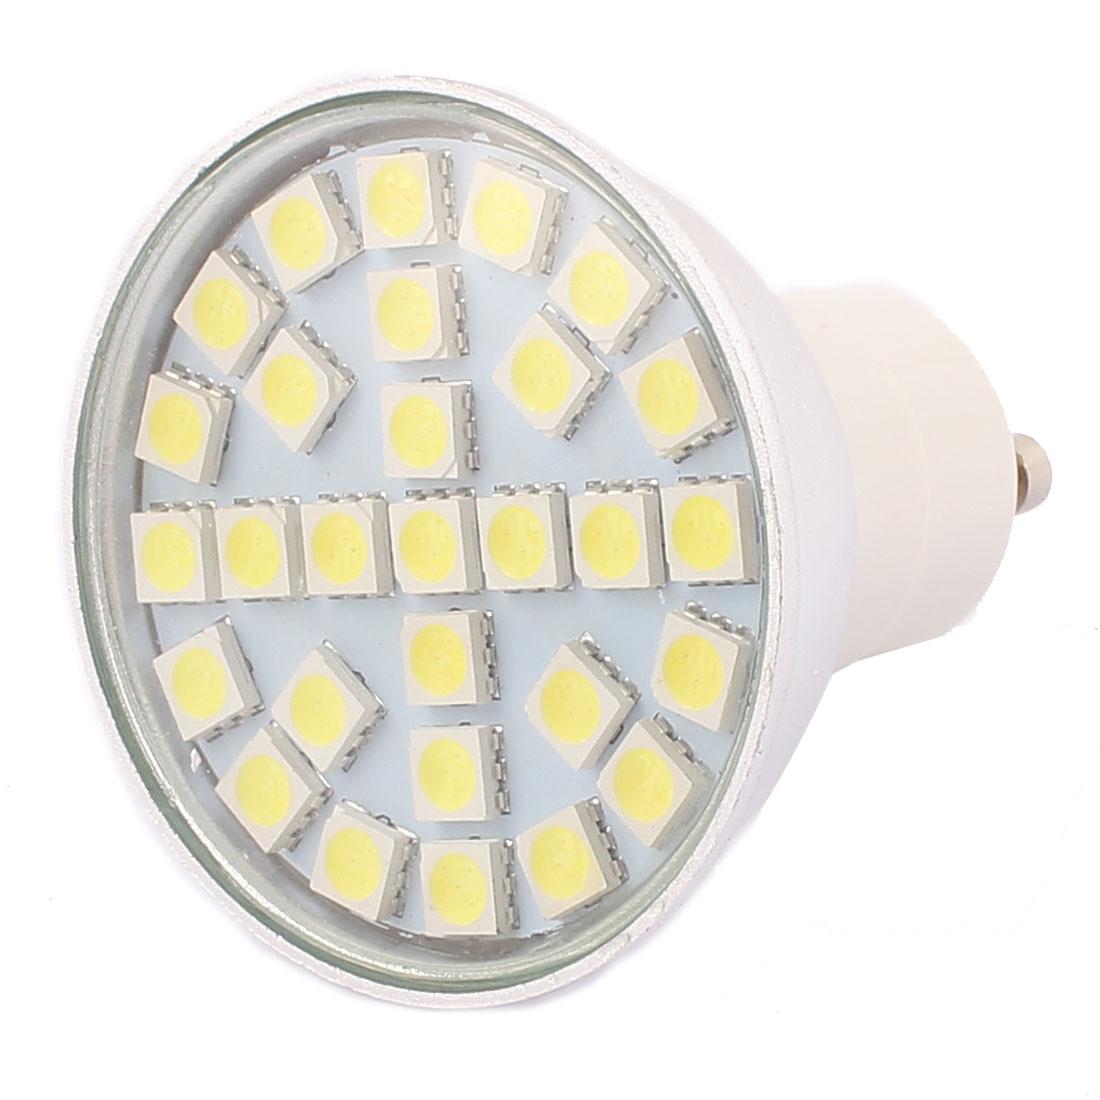 GU10 SMD5050 29LEDs Aluminum Energy Saving LED Lamp Bulb White AC 220V 4W